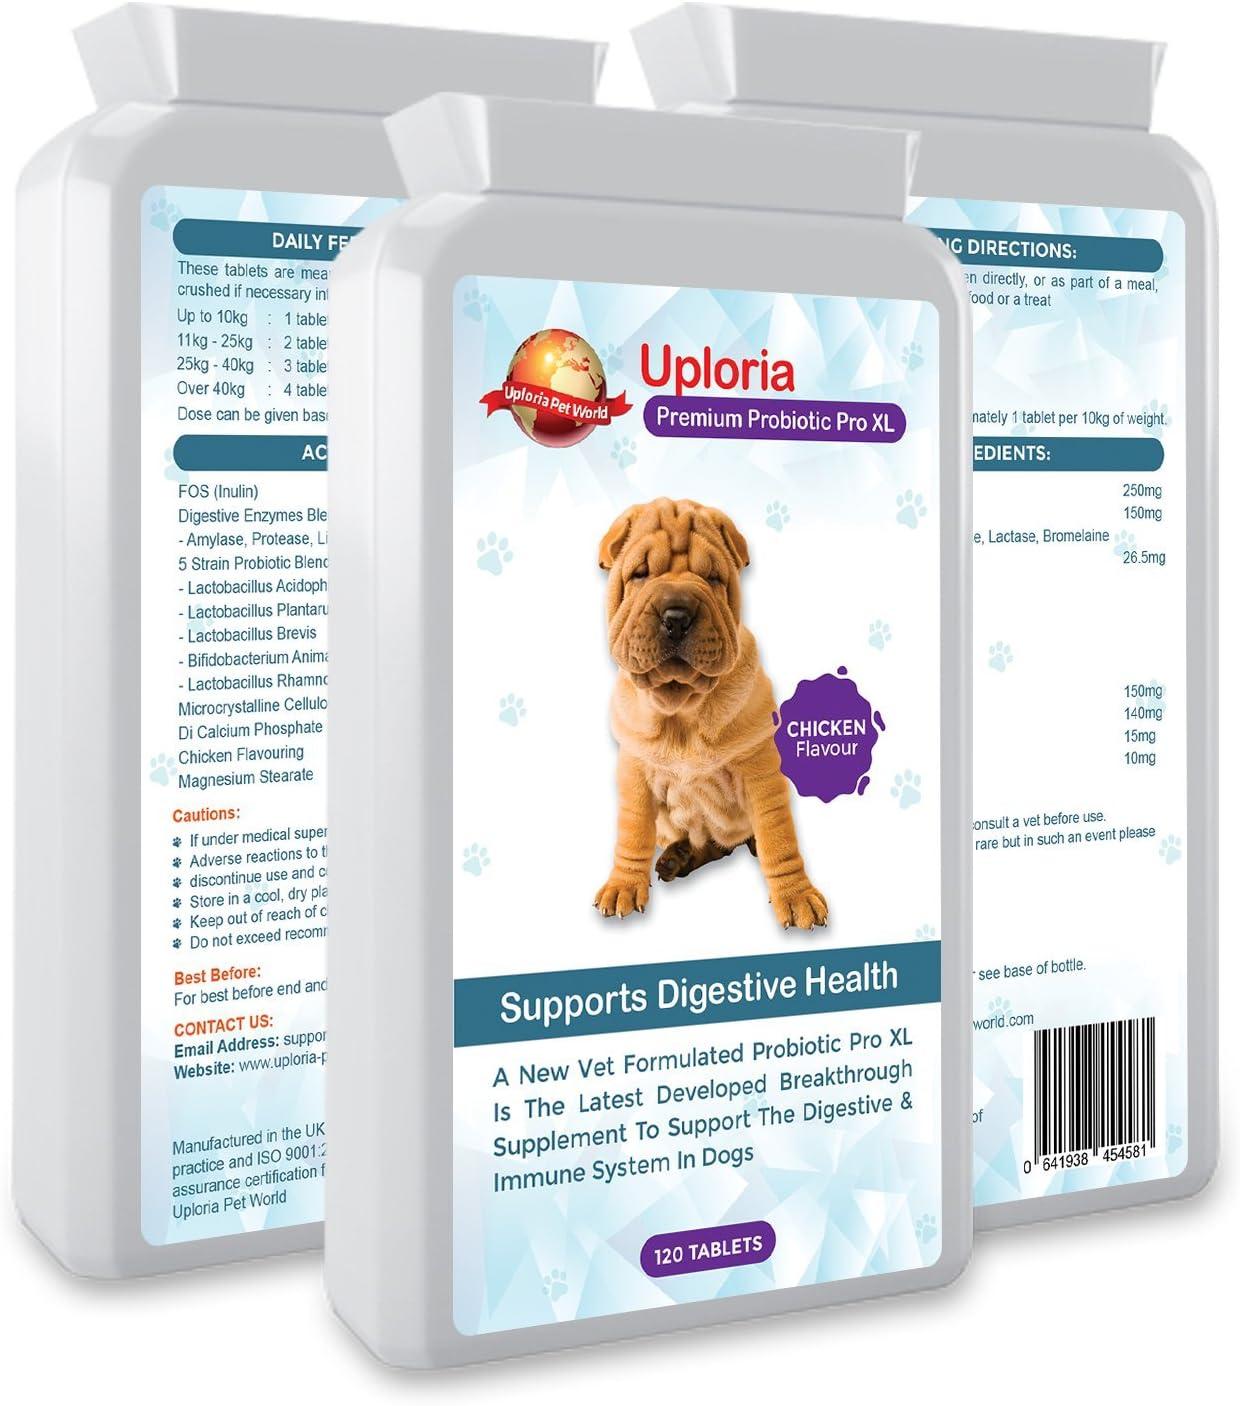 Uploria Pet World Suplemento Probiótico para Estómagos Sensibles De Perros | 120 Comprimidos con Sabor A Pollo | Es También Un Suplemento para El Sistema Inmunológico: Amazon.es: Productos para mascotas